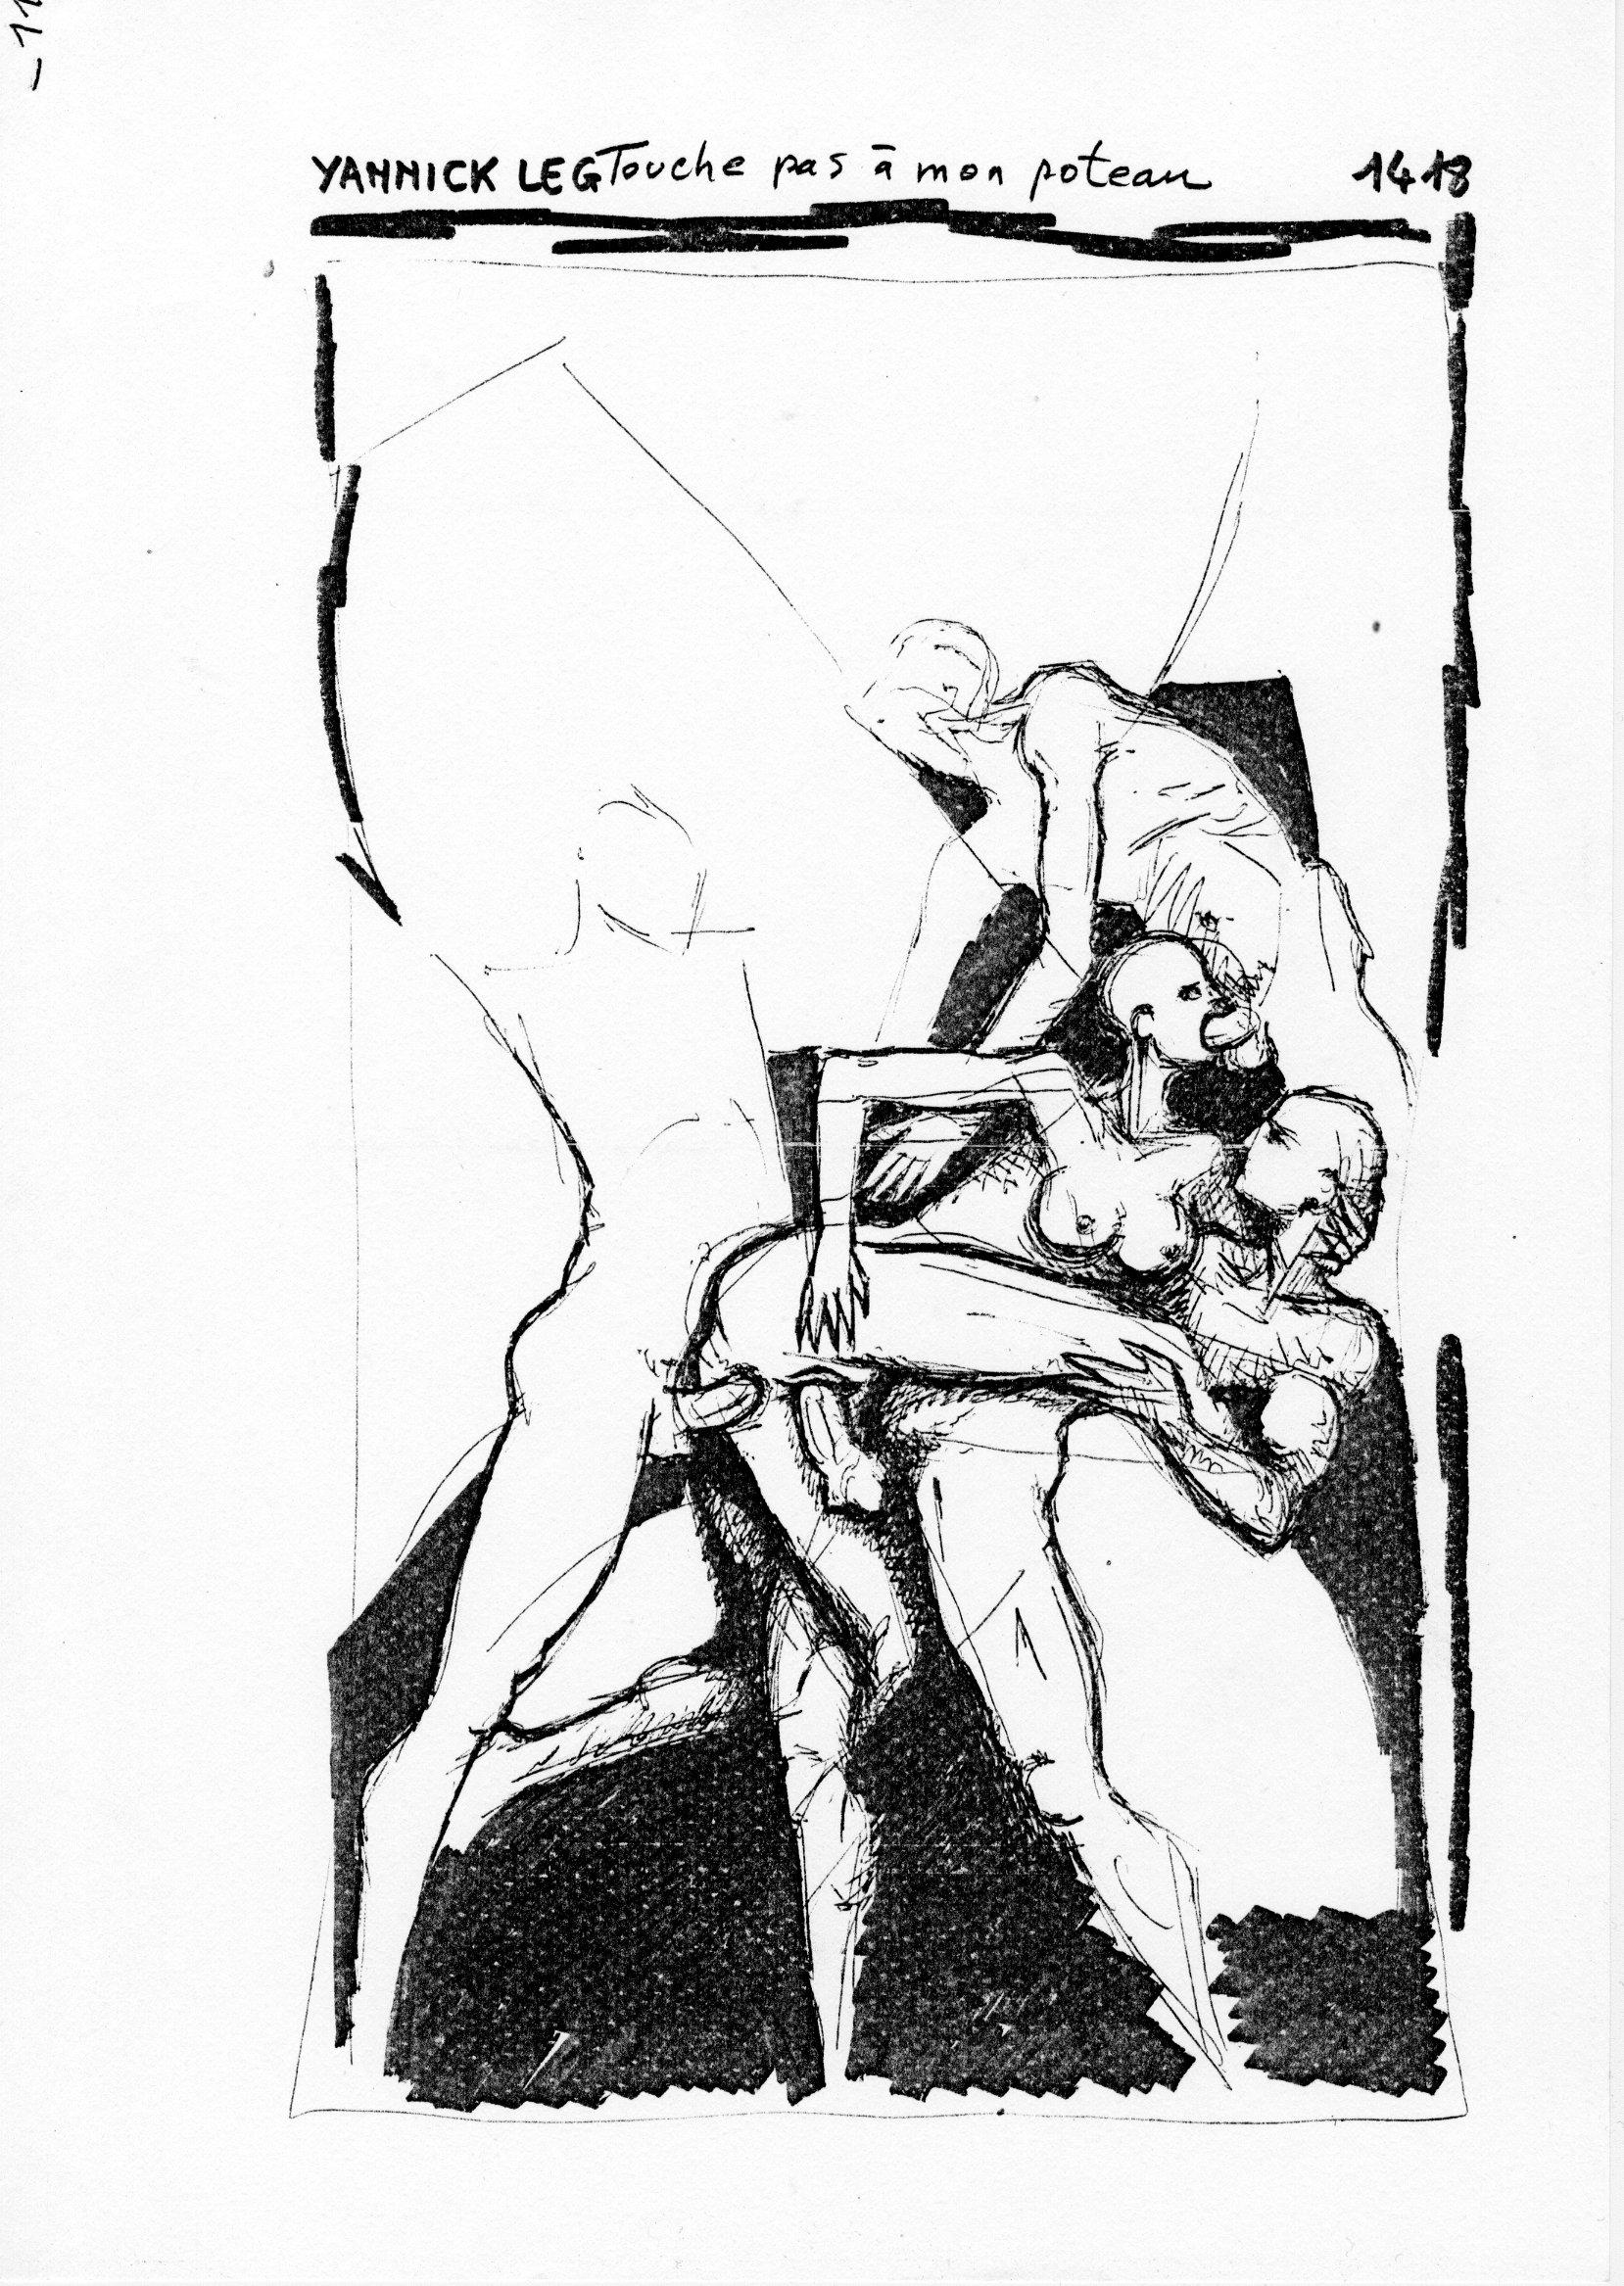 page 1418 Y. Leguen CALENDRIER